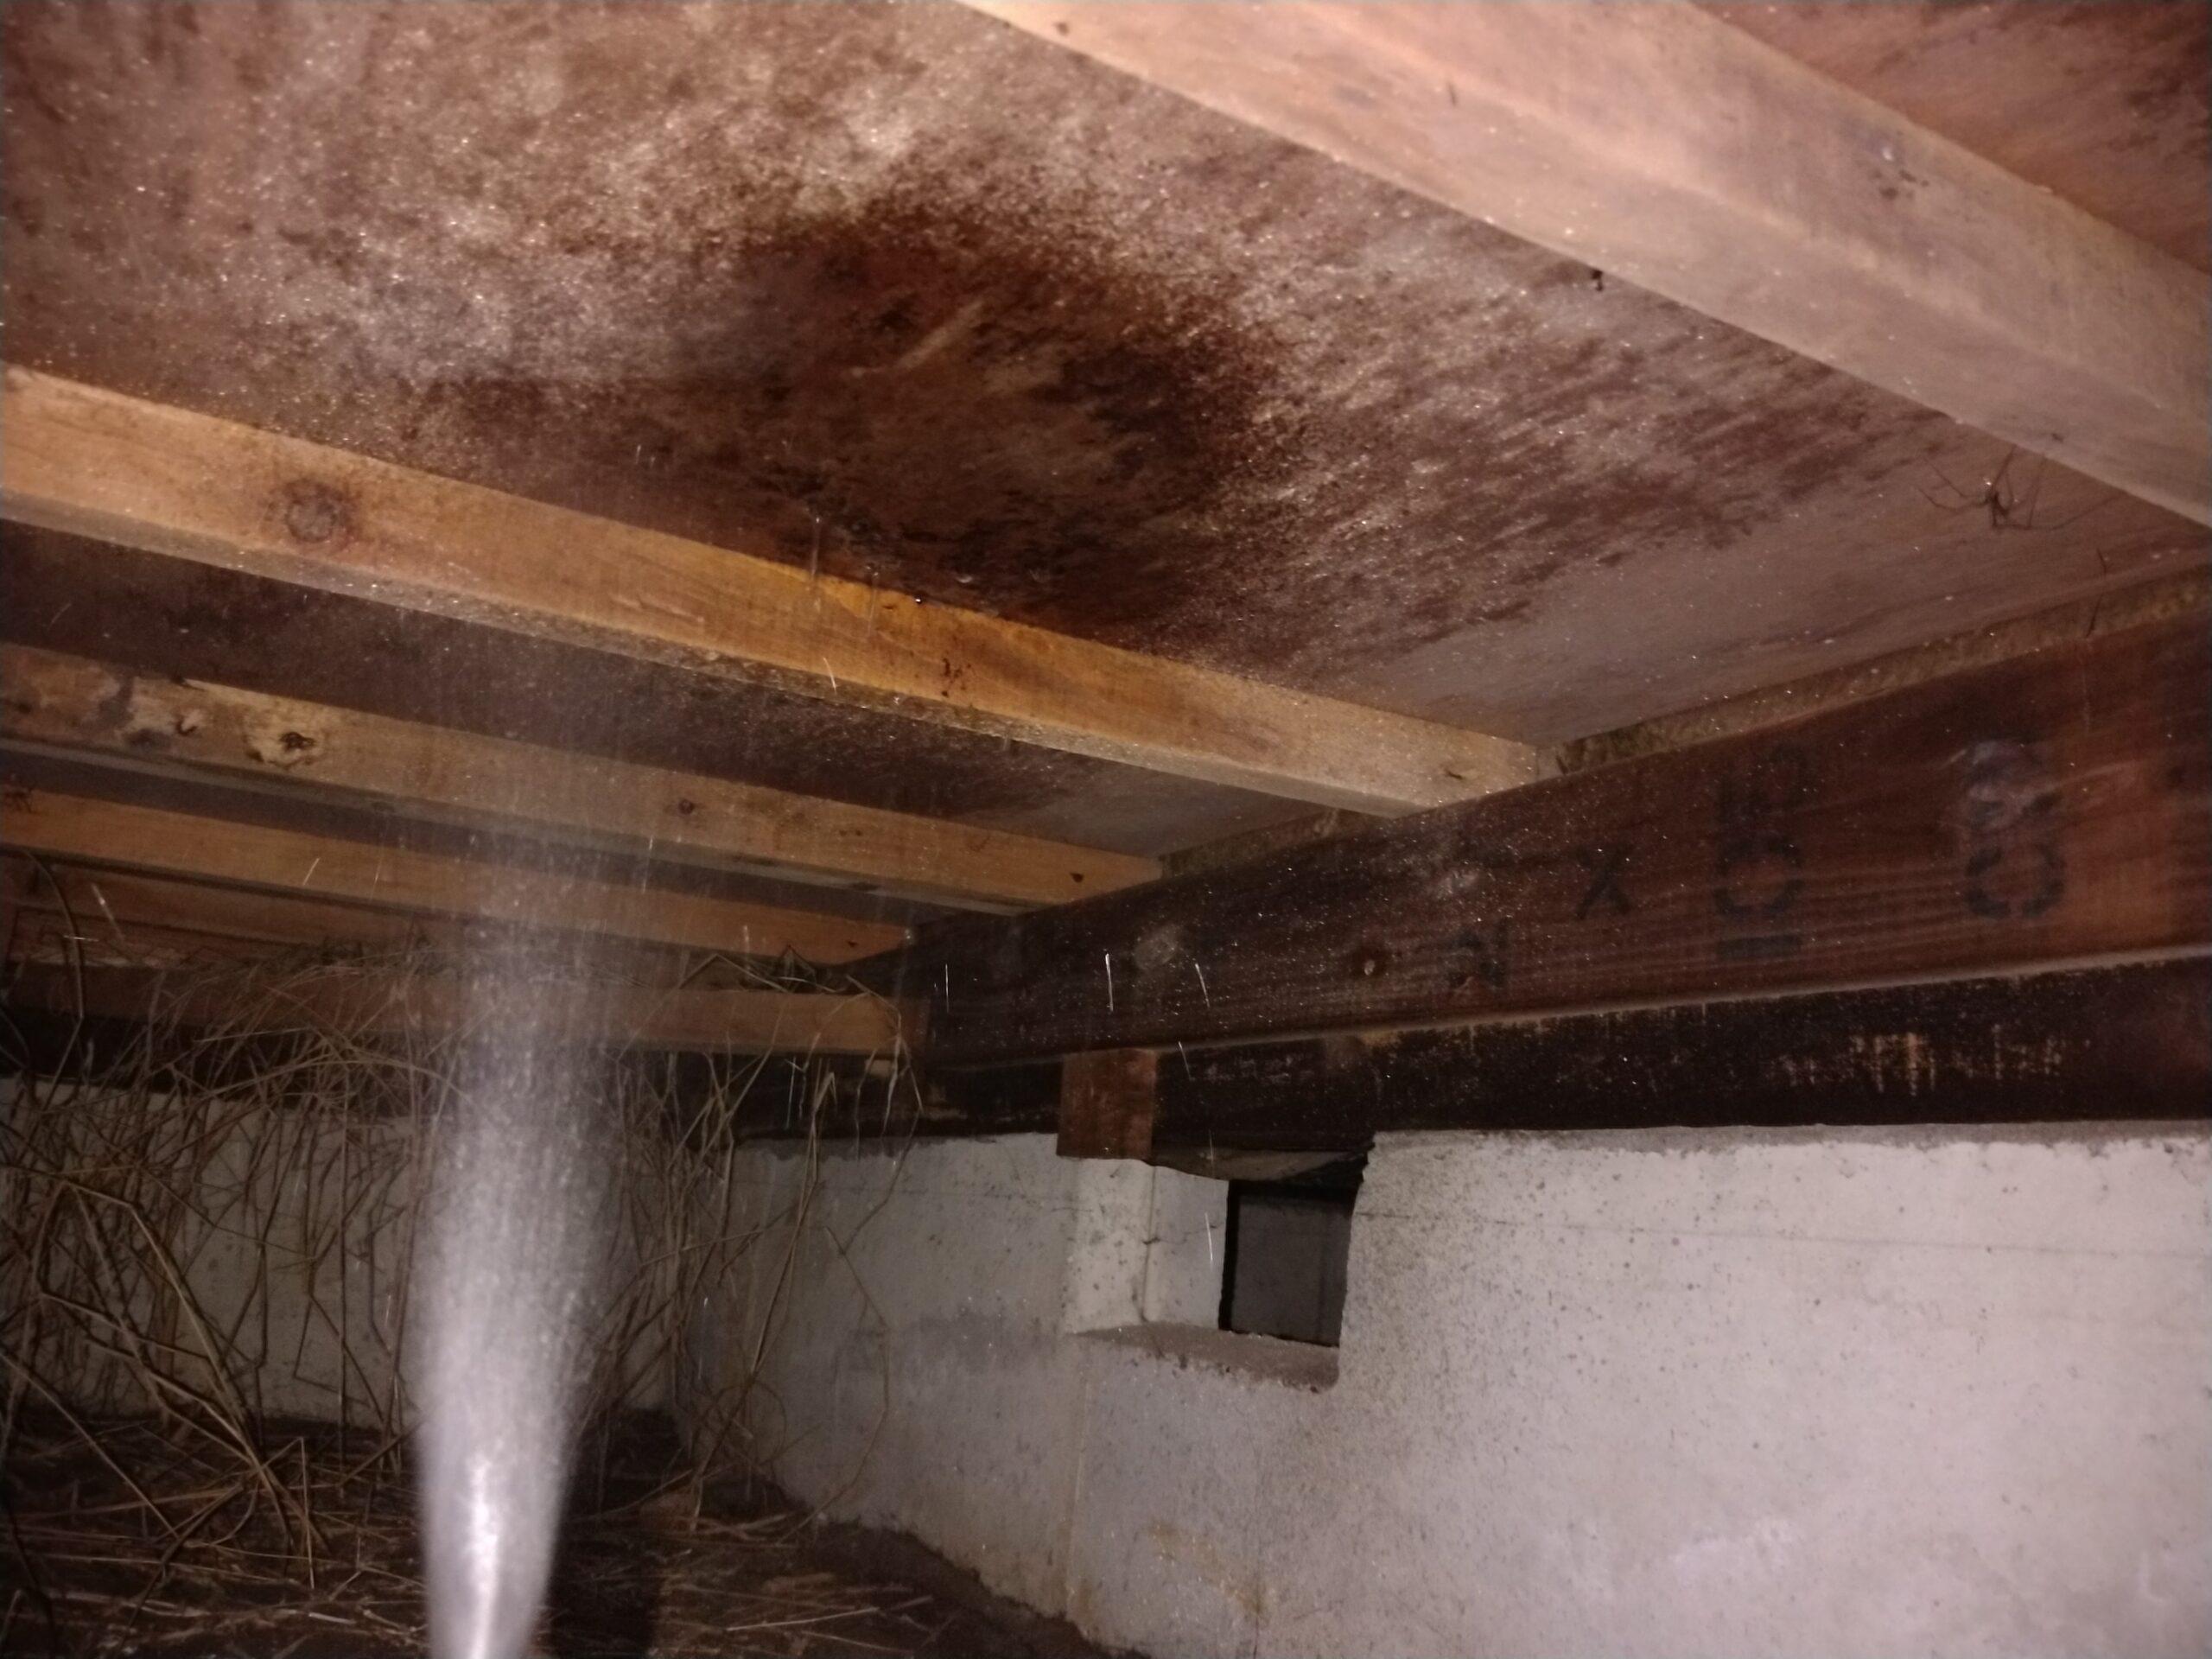 千葉県八千代市のT様のシロアリ駆除:施工後